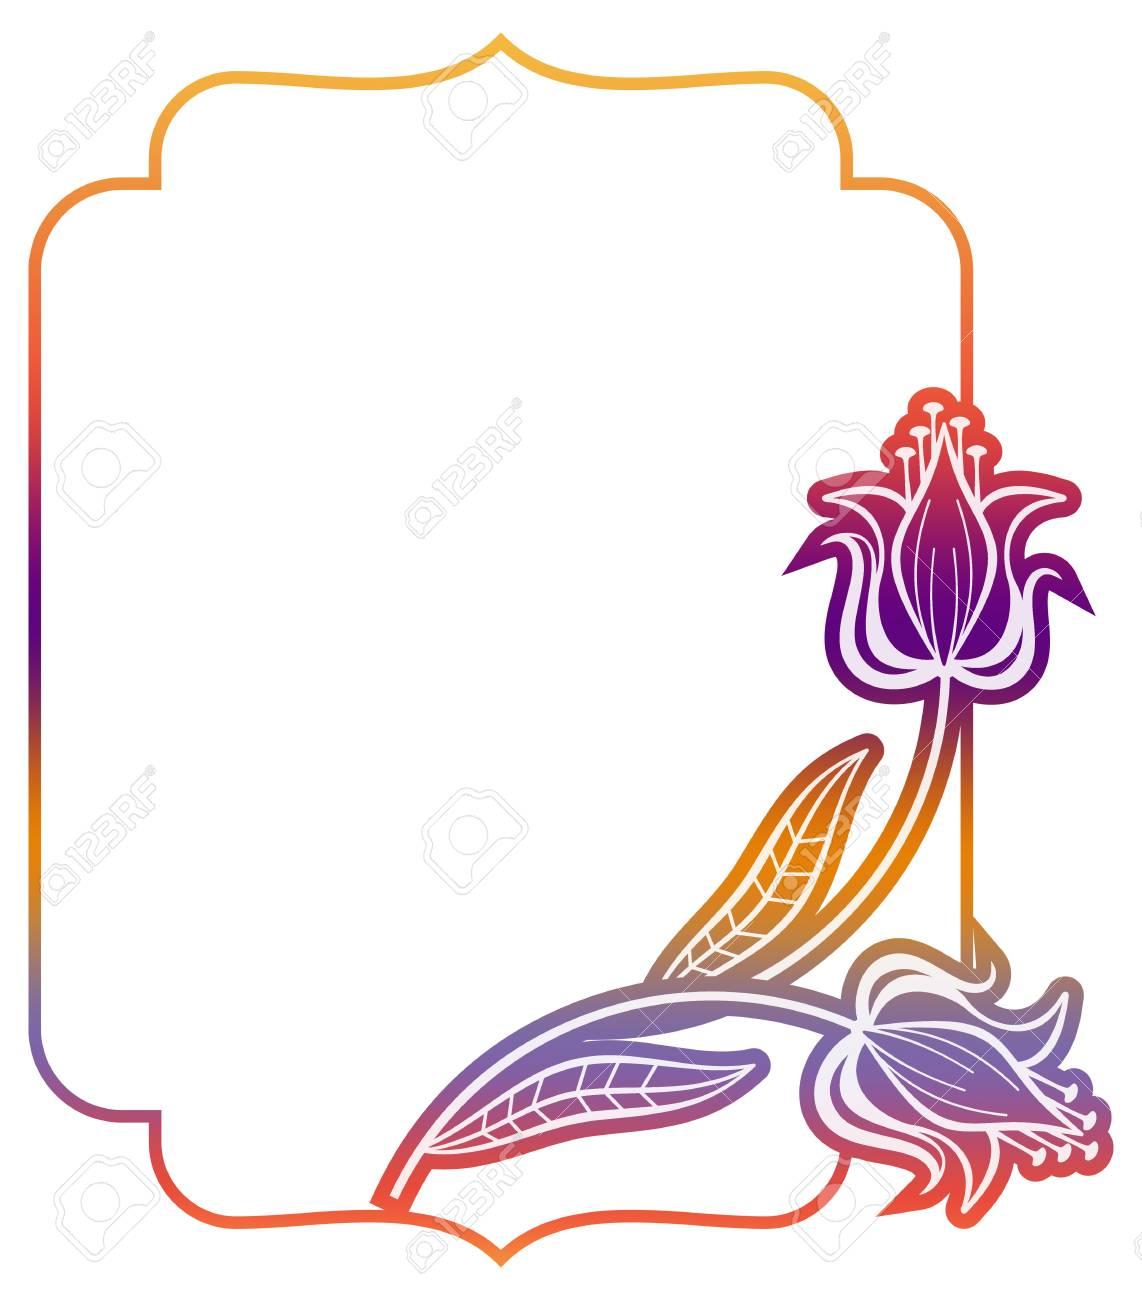 Cornici Colorate Per Foto etichetta sfumata con fiori decorativi. cornice colorata per pubblicità,  matrimonio e altri inviti o biglietti di auguri. clip art raster.